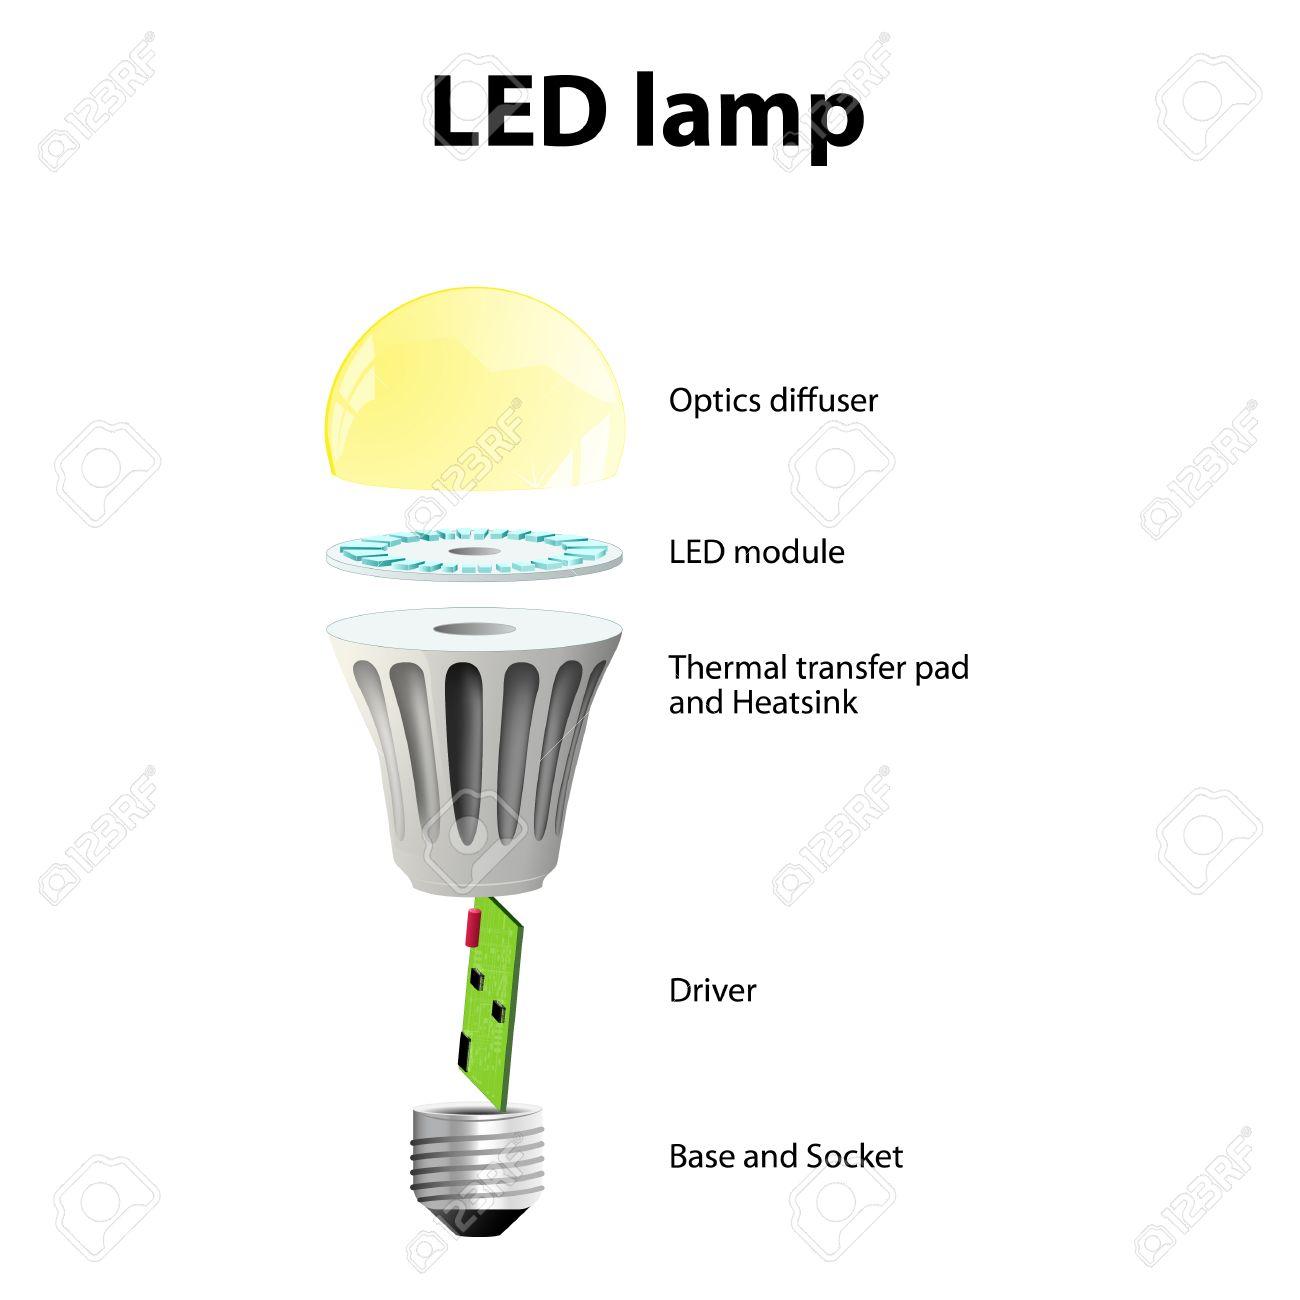 Diagrama Que Muestra Las Partes De Una Lámpara LED Moderna ...